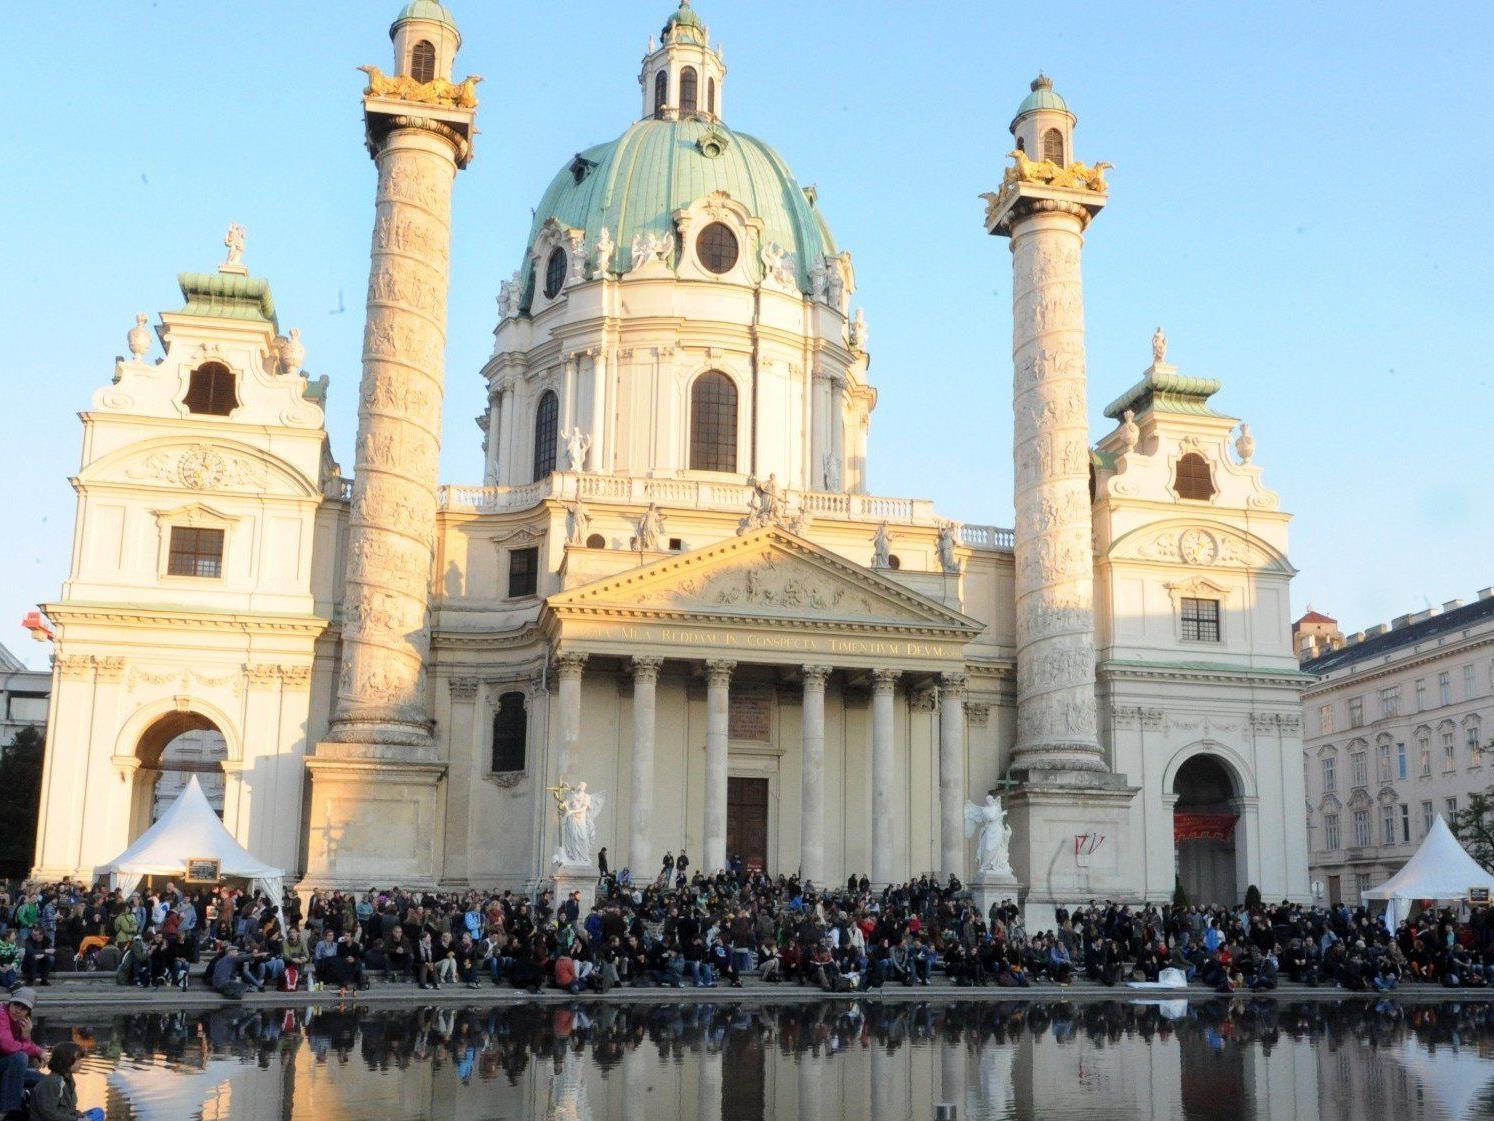 Gewitterwarnung für die Eröffnung des Wiener Popfestes am 25. Juli 2013.